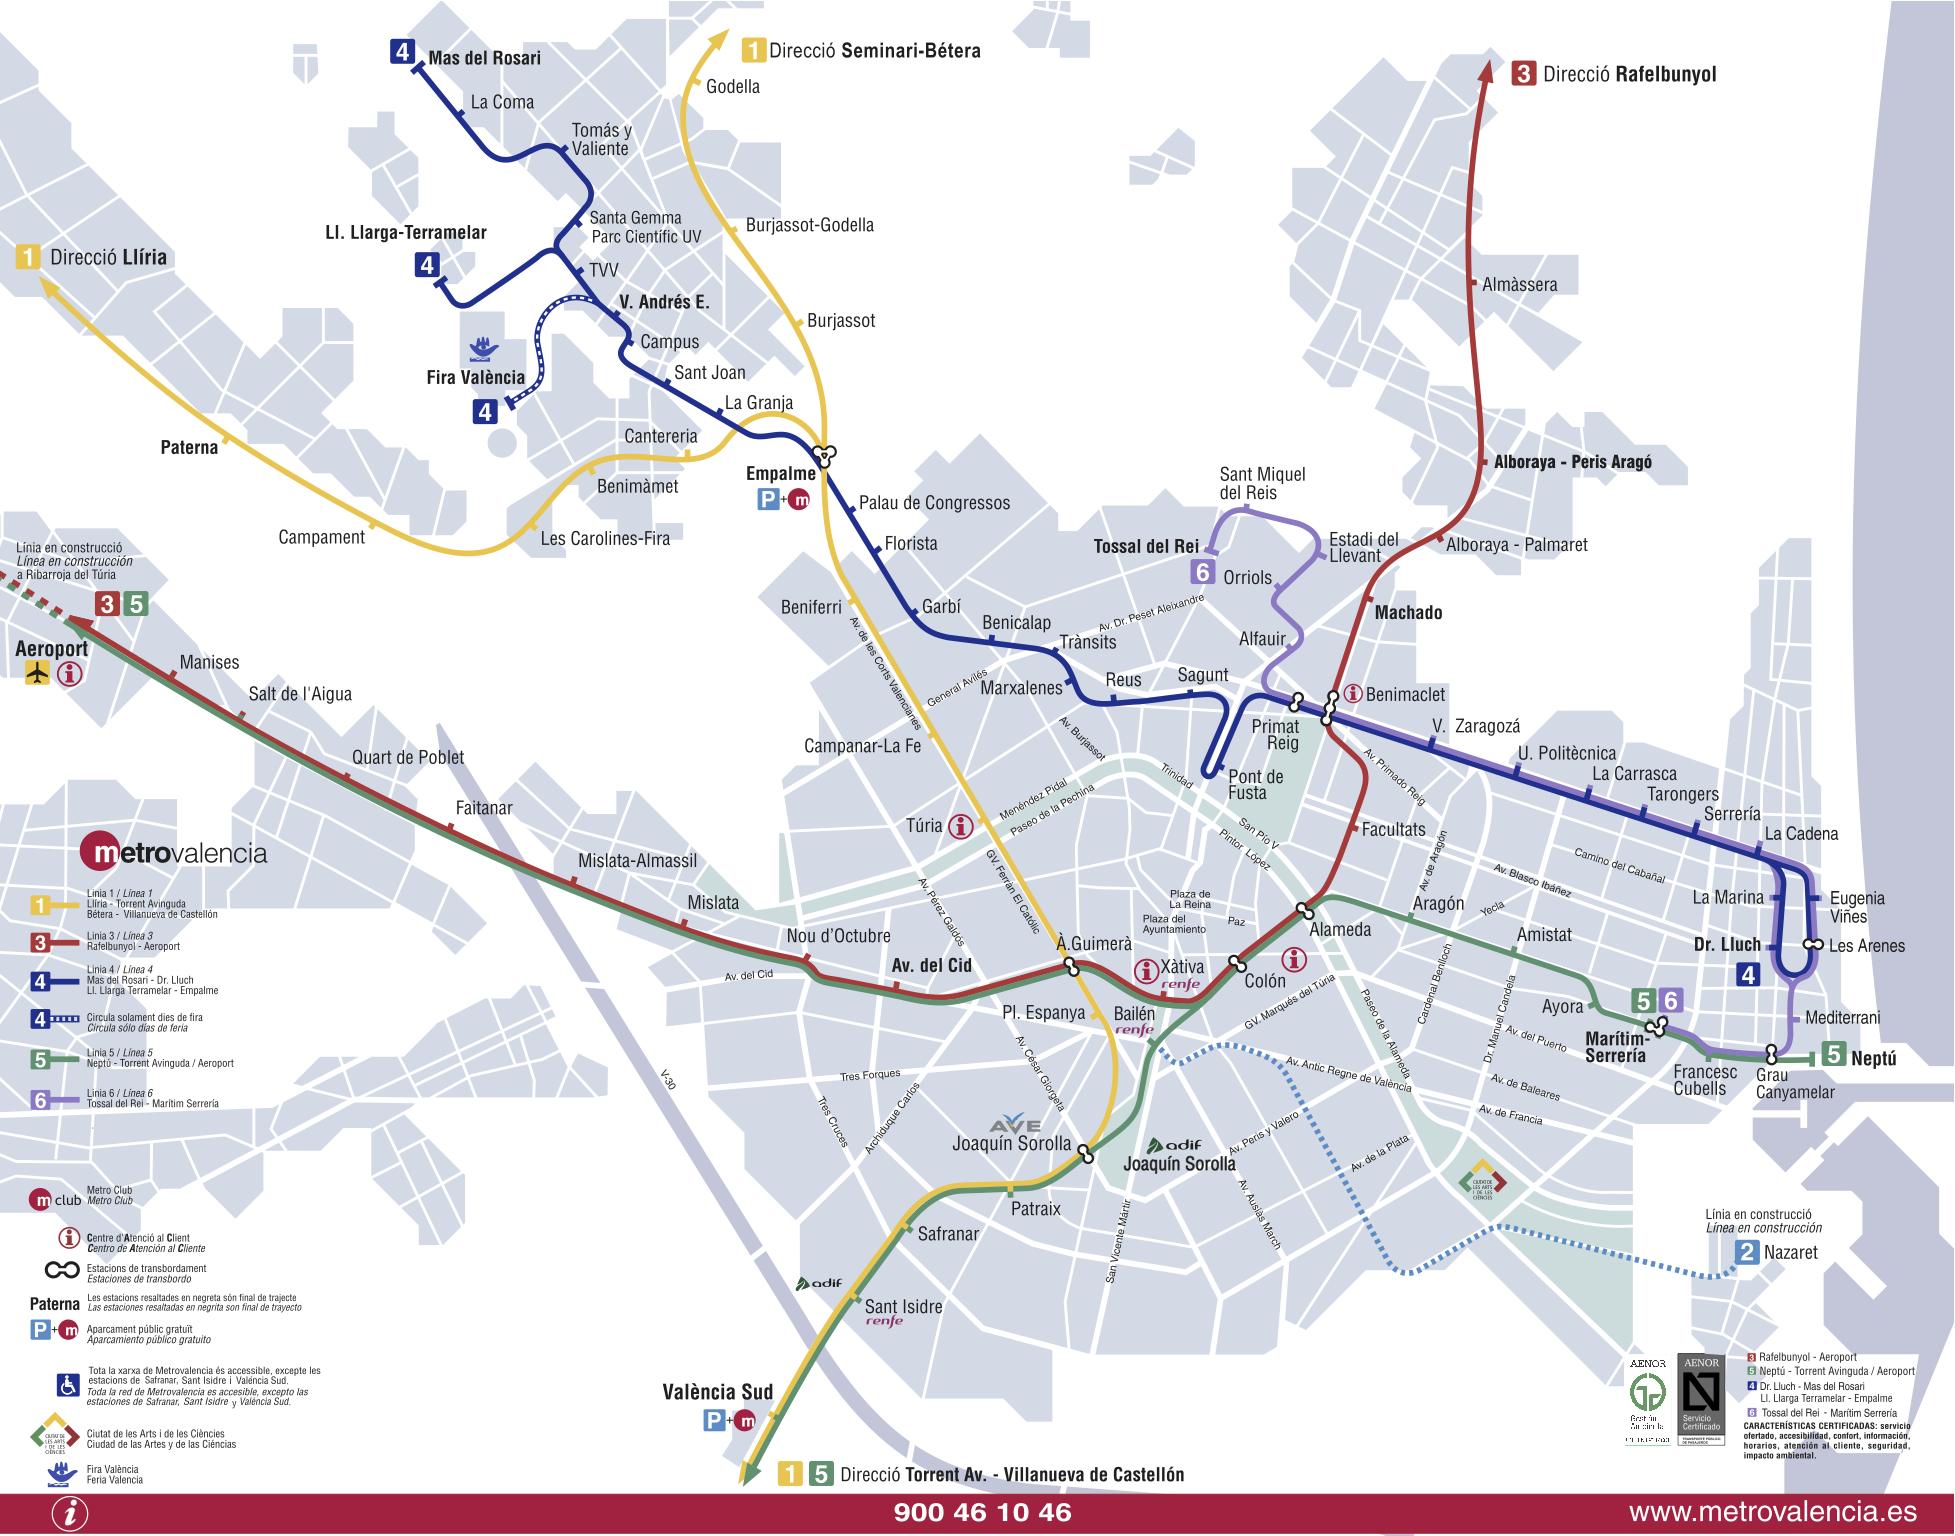 Открыто метро было 18 ноября 2006 года.  Коммерческая эксплуатация метрополитена началась на один го позже.